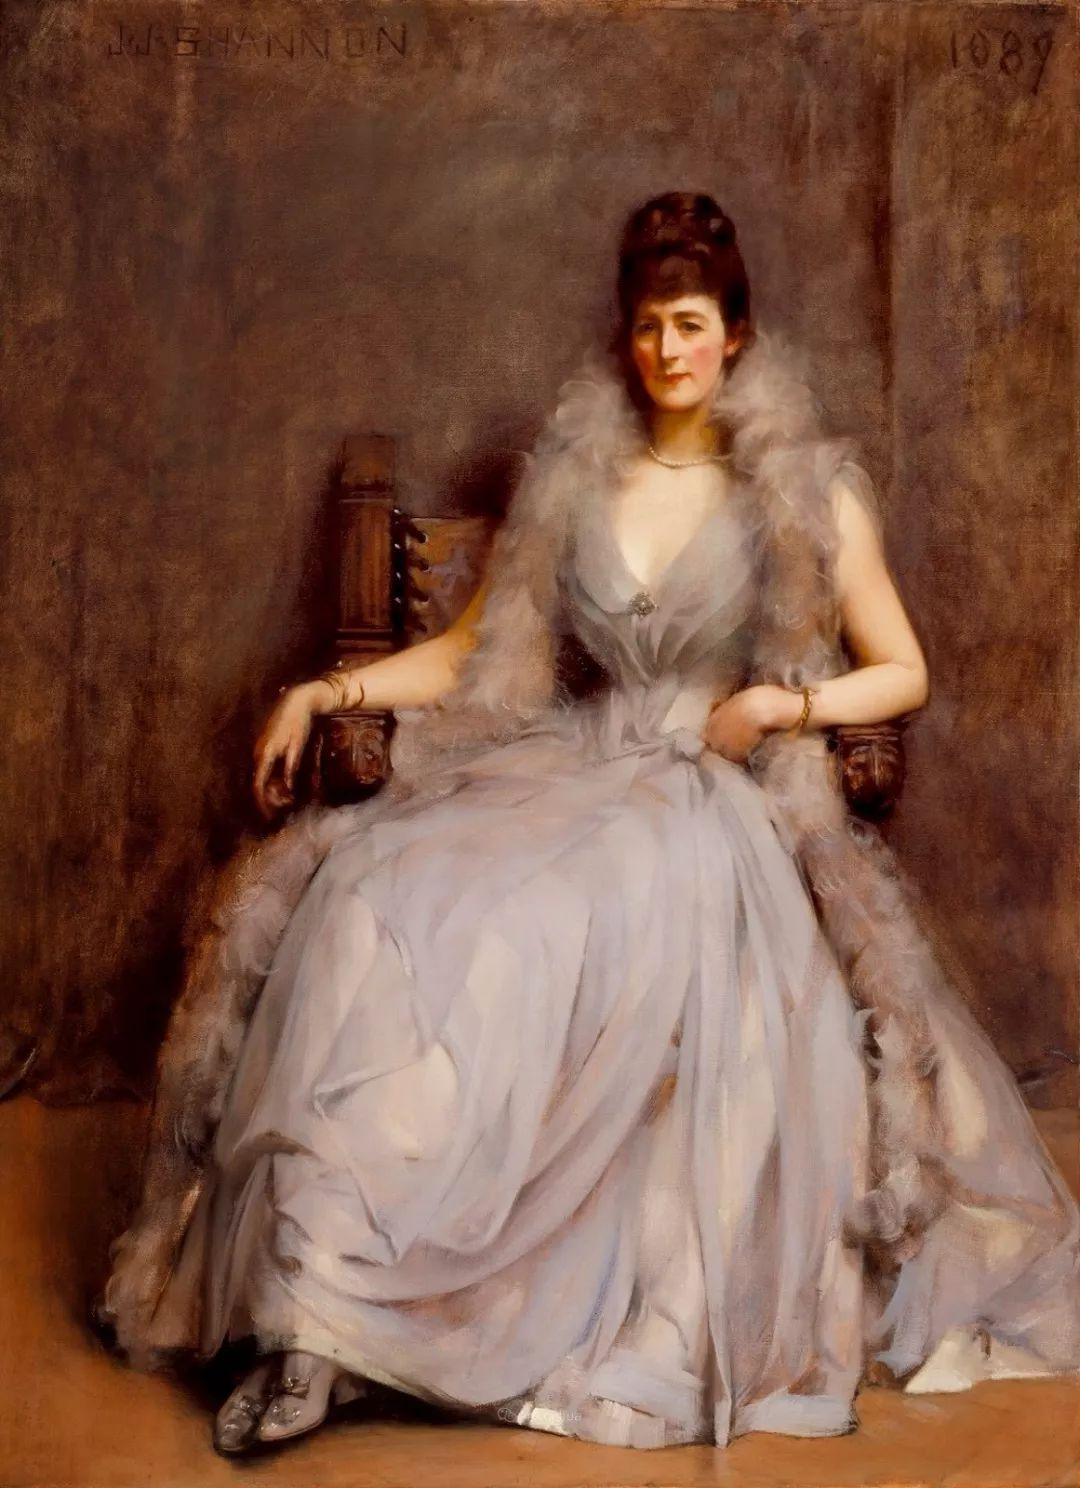 画家笔下苗条的女子,美丽优雅!英裔美国画家James Jebusa Shannon插图41